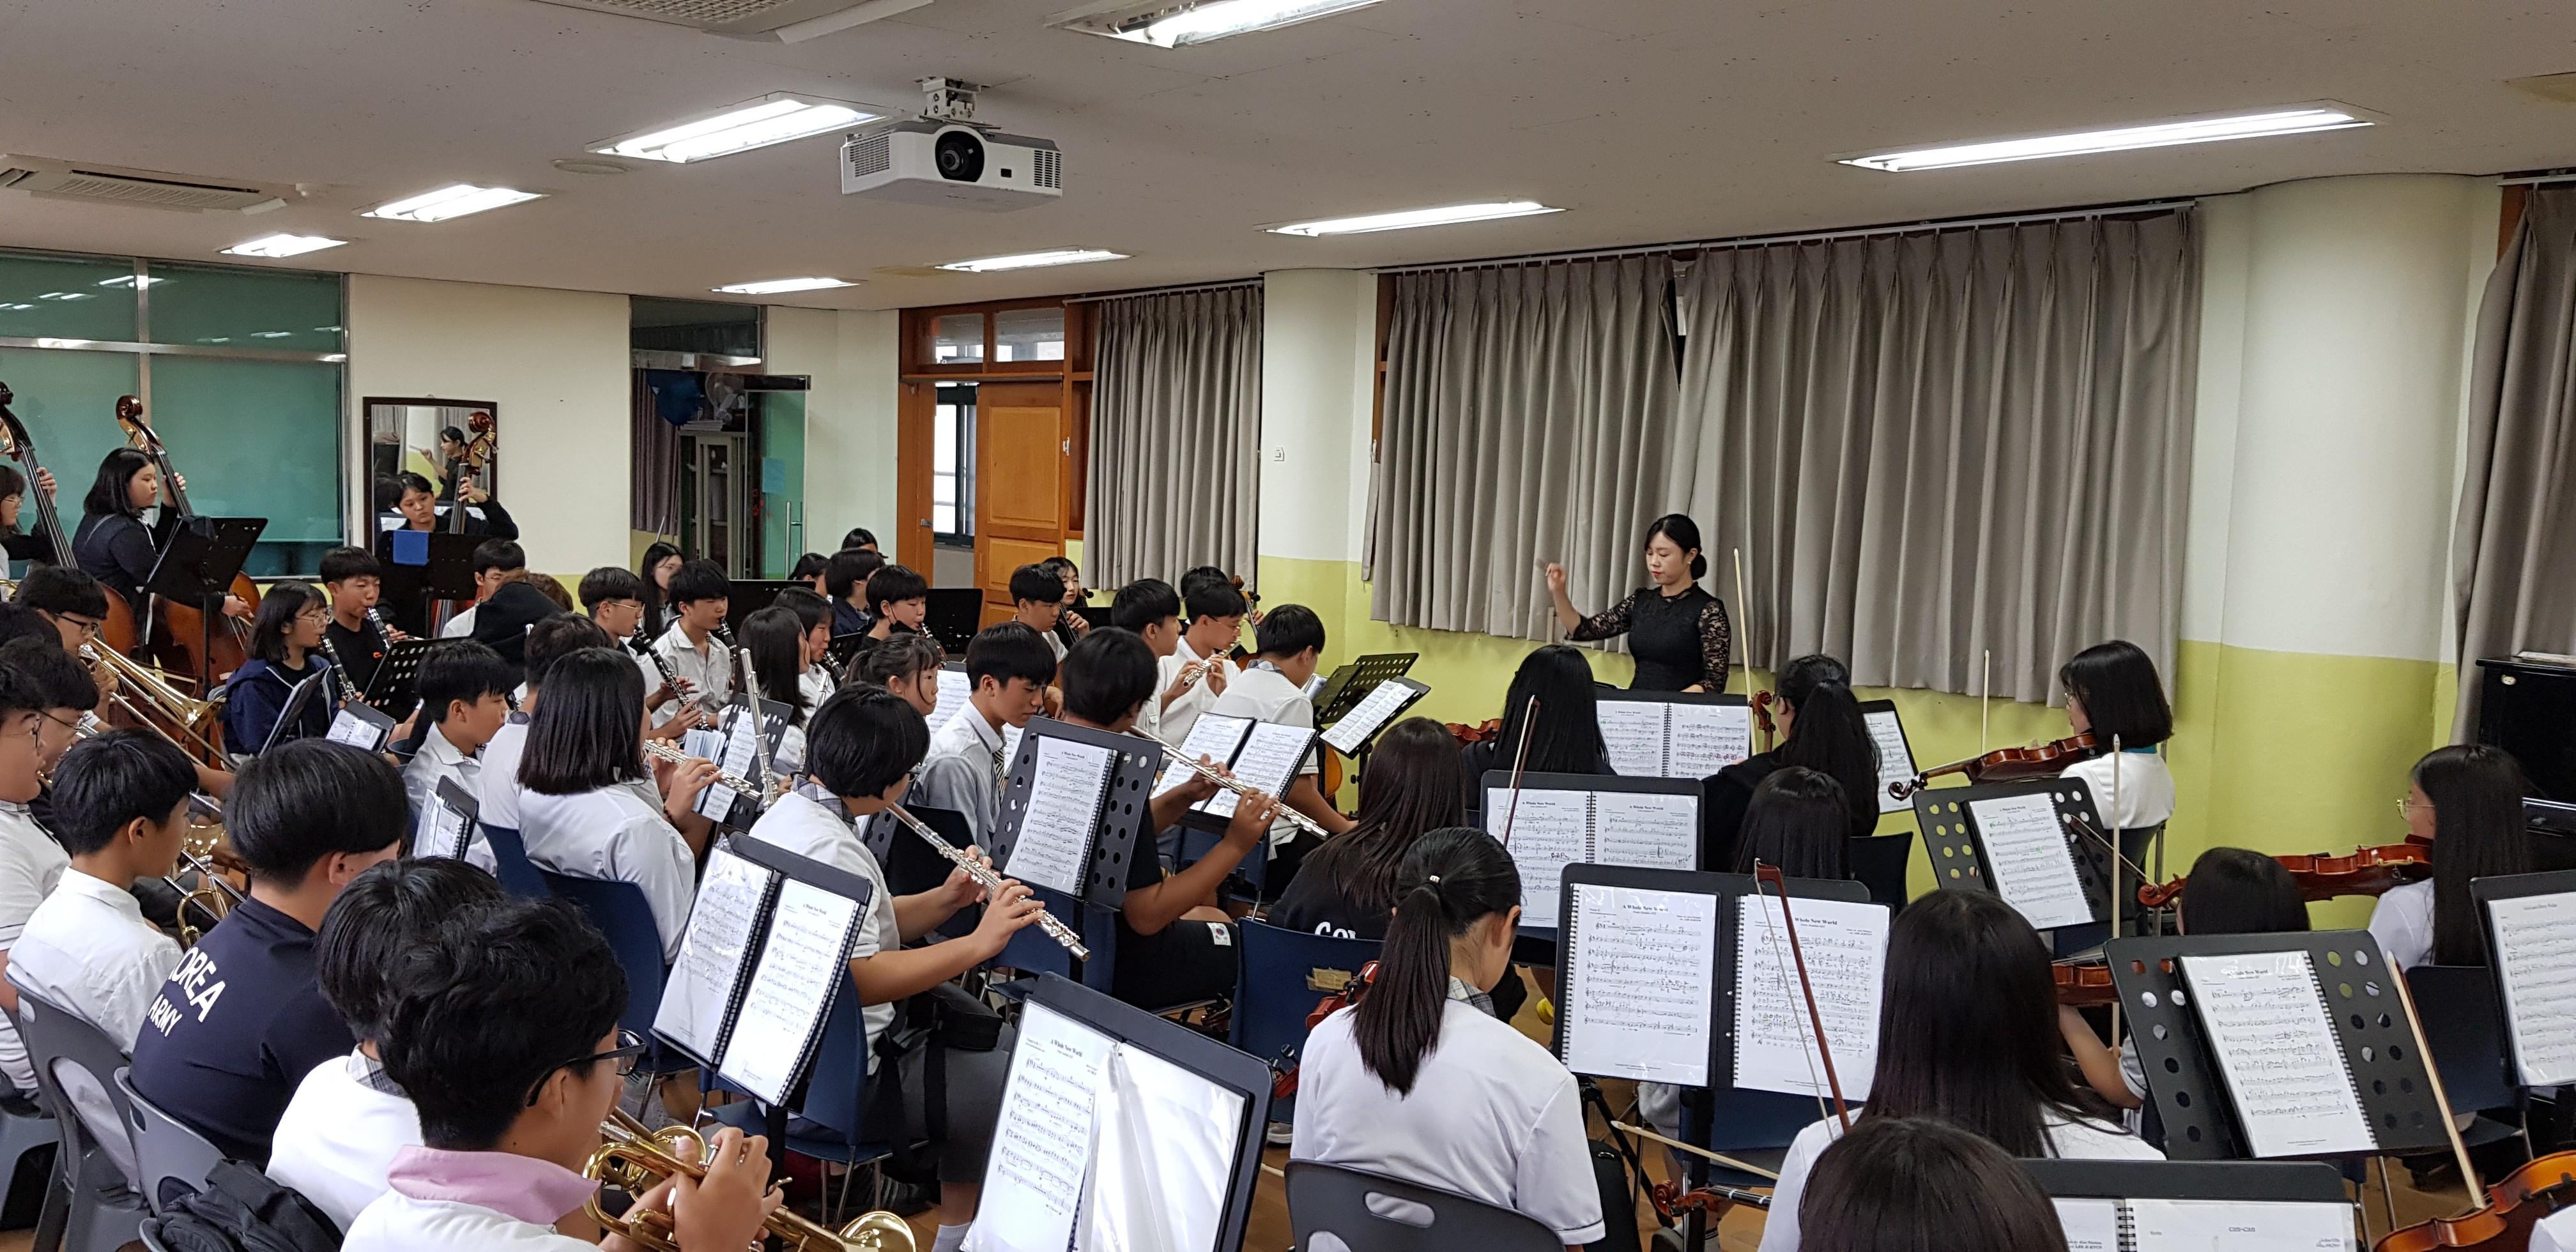 [일반] 2019 YB 오케스트라 합주의 첨부이미지 1